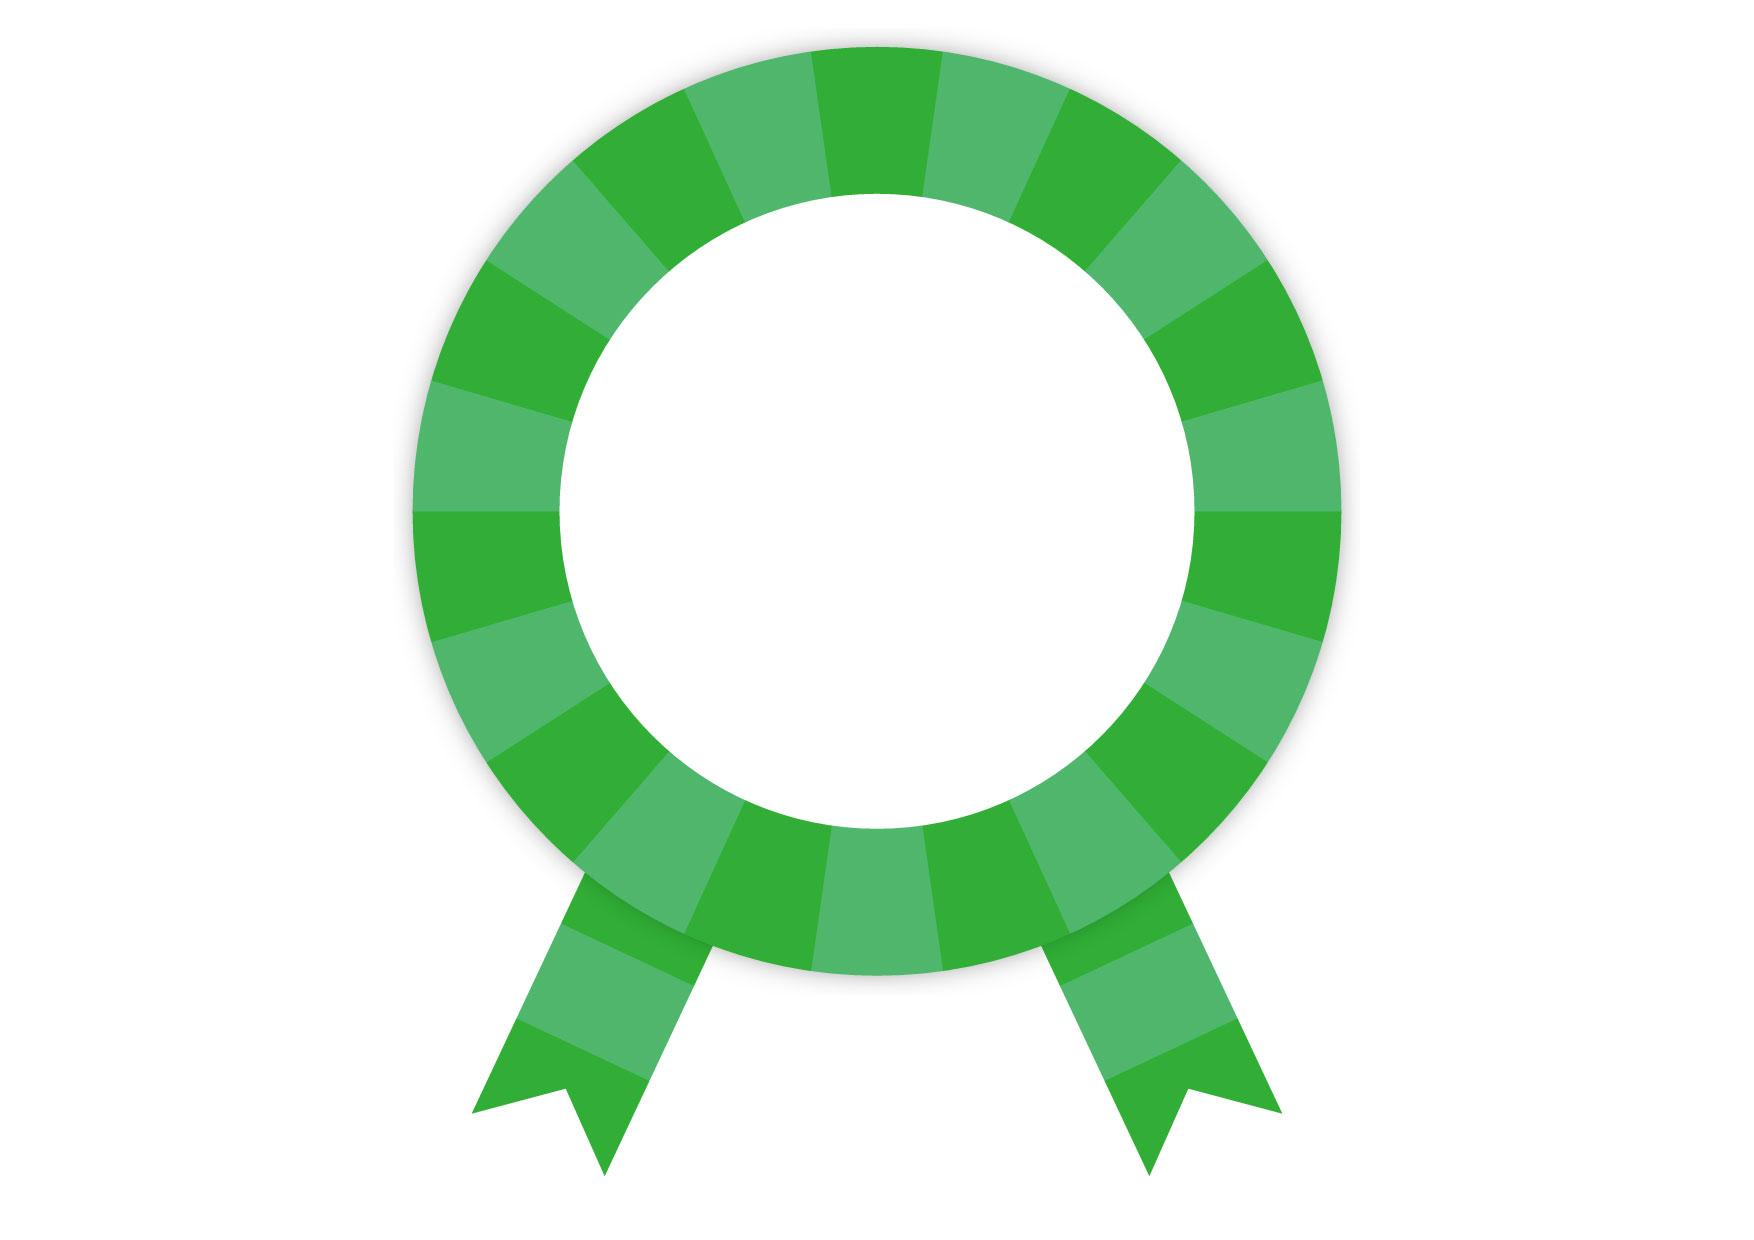 可愛いイラスト無料|緑色 バッジ フレーム リボン − free illustration Green badge frame ribbon